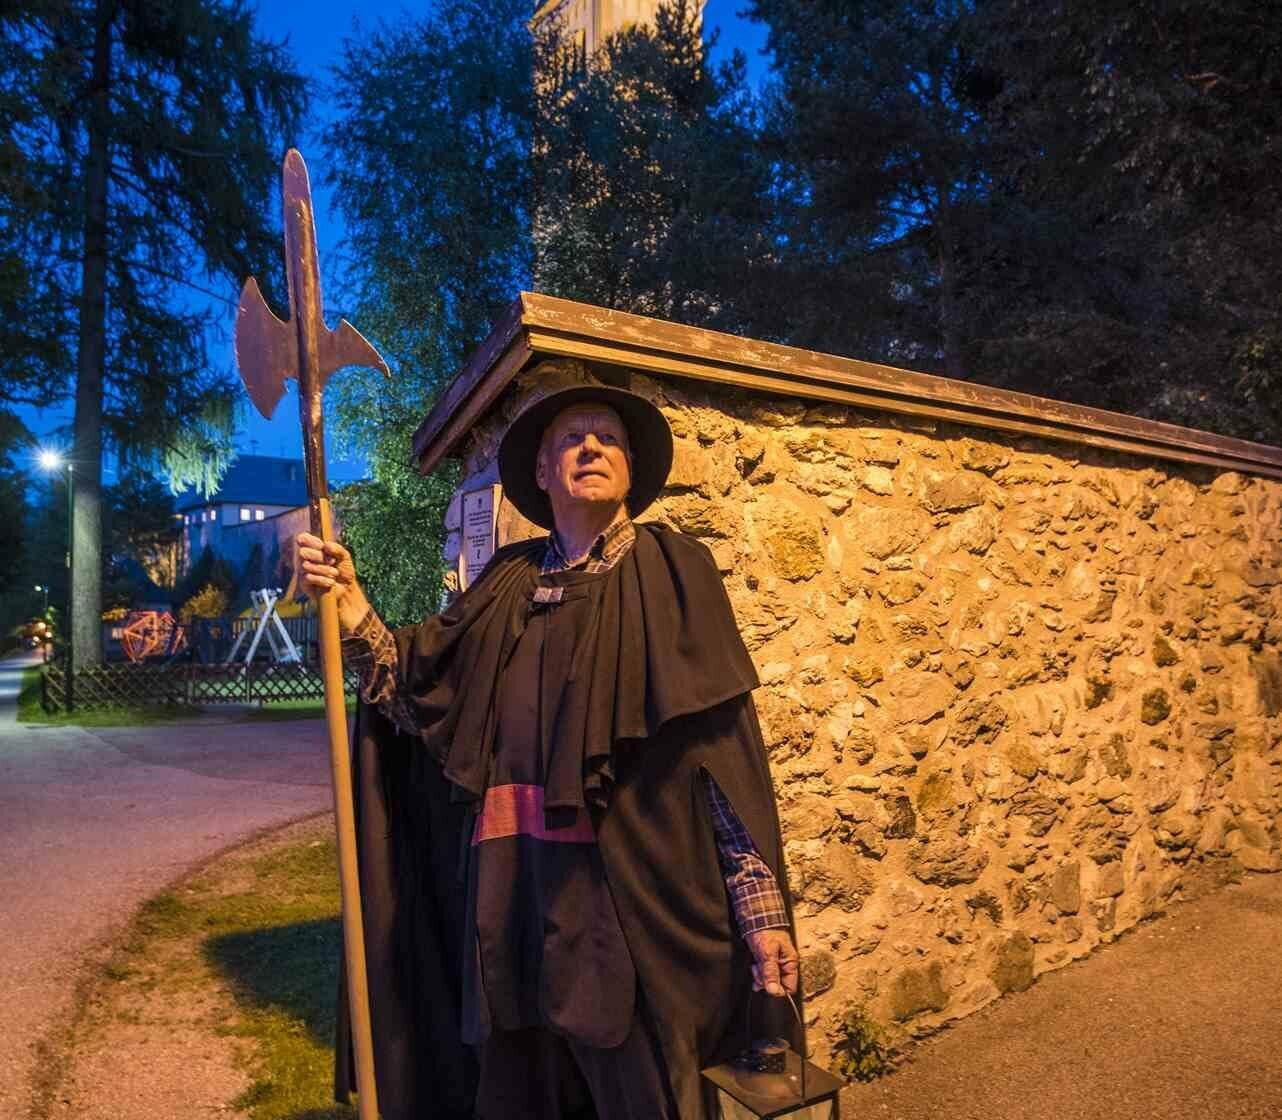 Nachtwächter in Radstadt